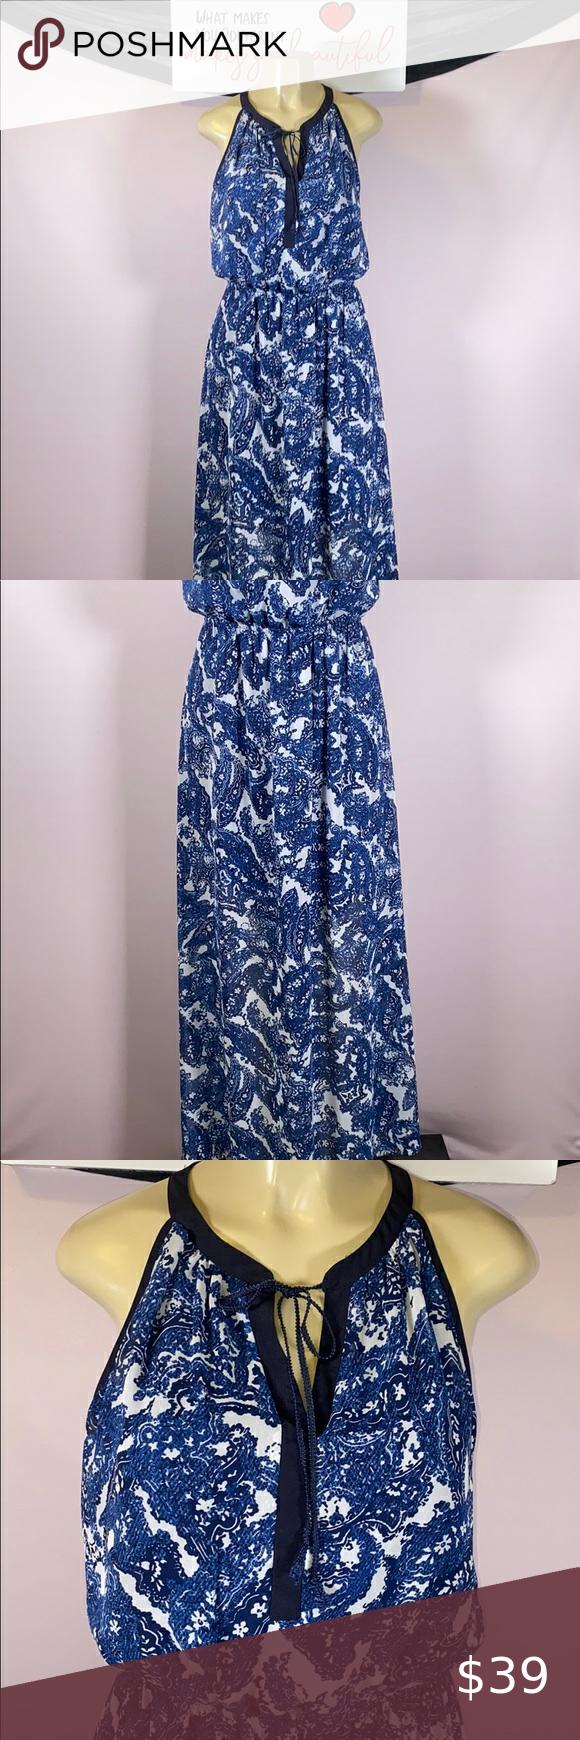 Vince Camuto Maxi Dress Size 8 Dresses Maxi Dress Clothes Design [ 1740 x 580 Pixel ]